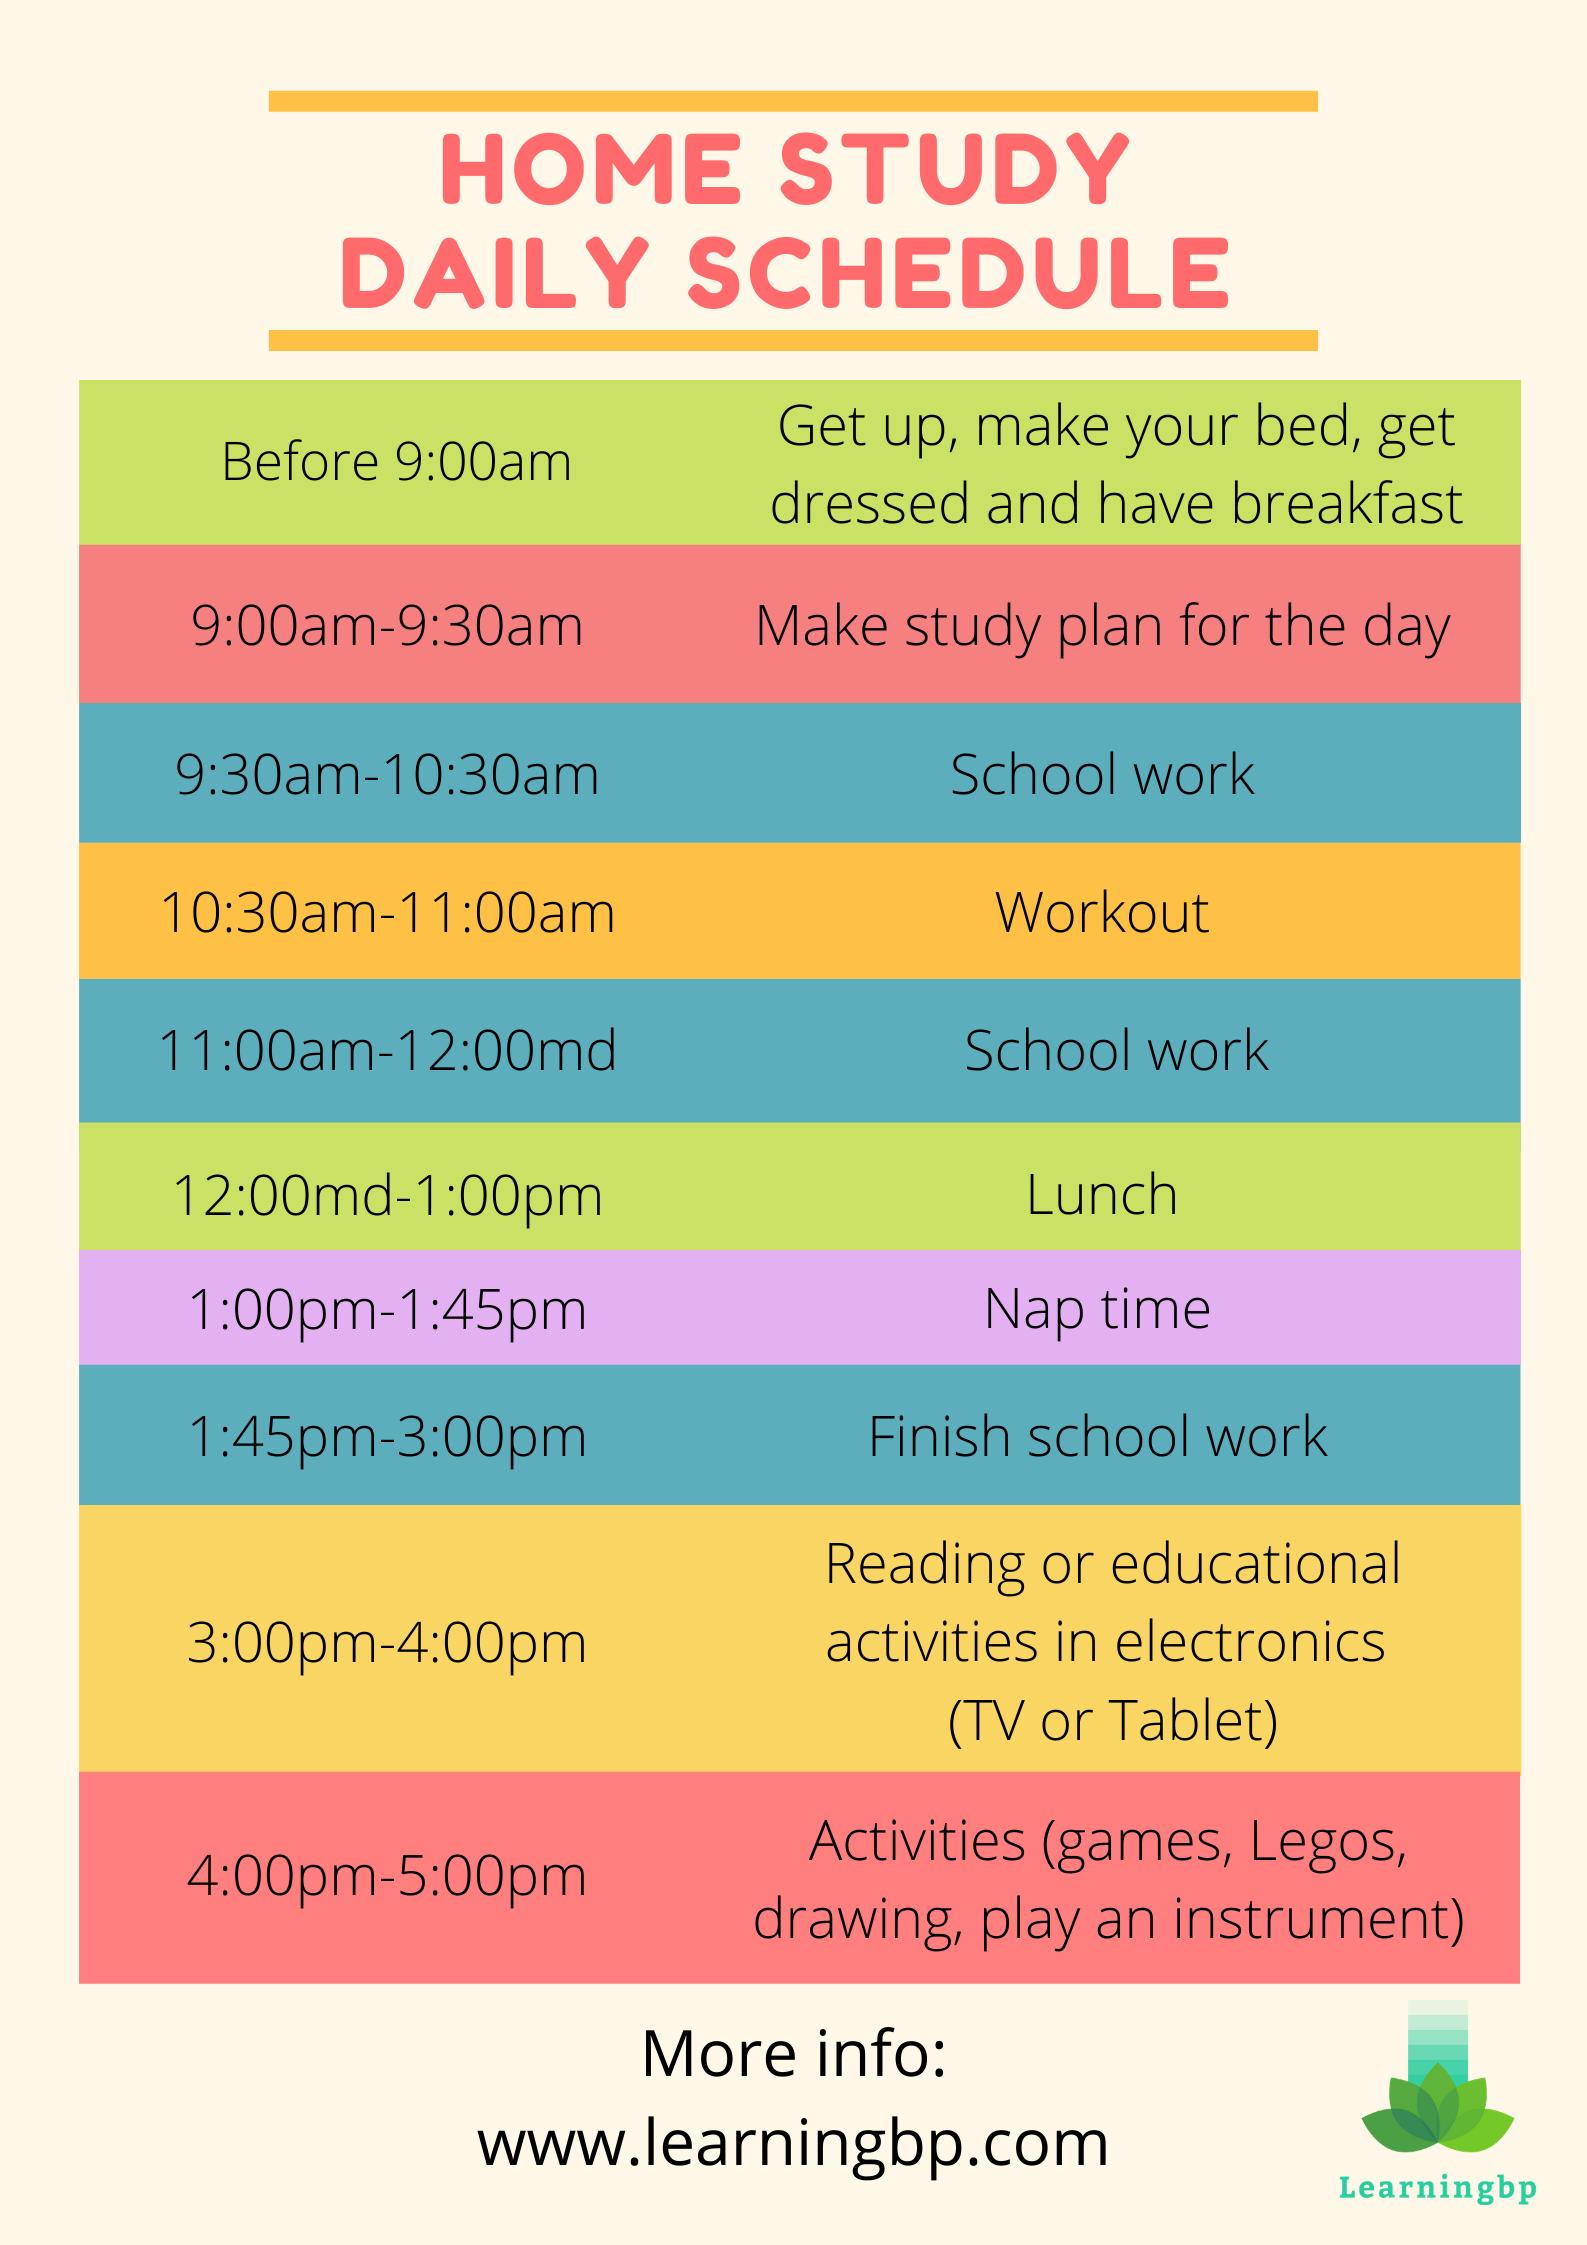 Home Study Daily Schedule In 2020 School Schedule Online School Organization Homeschool Schedule